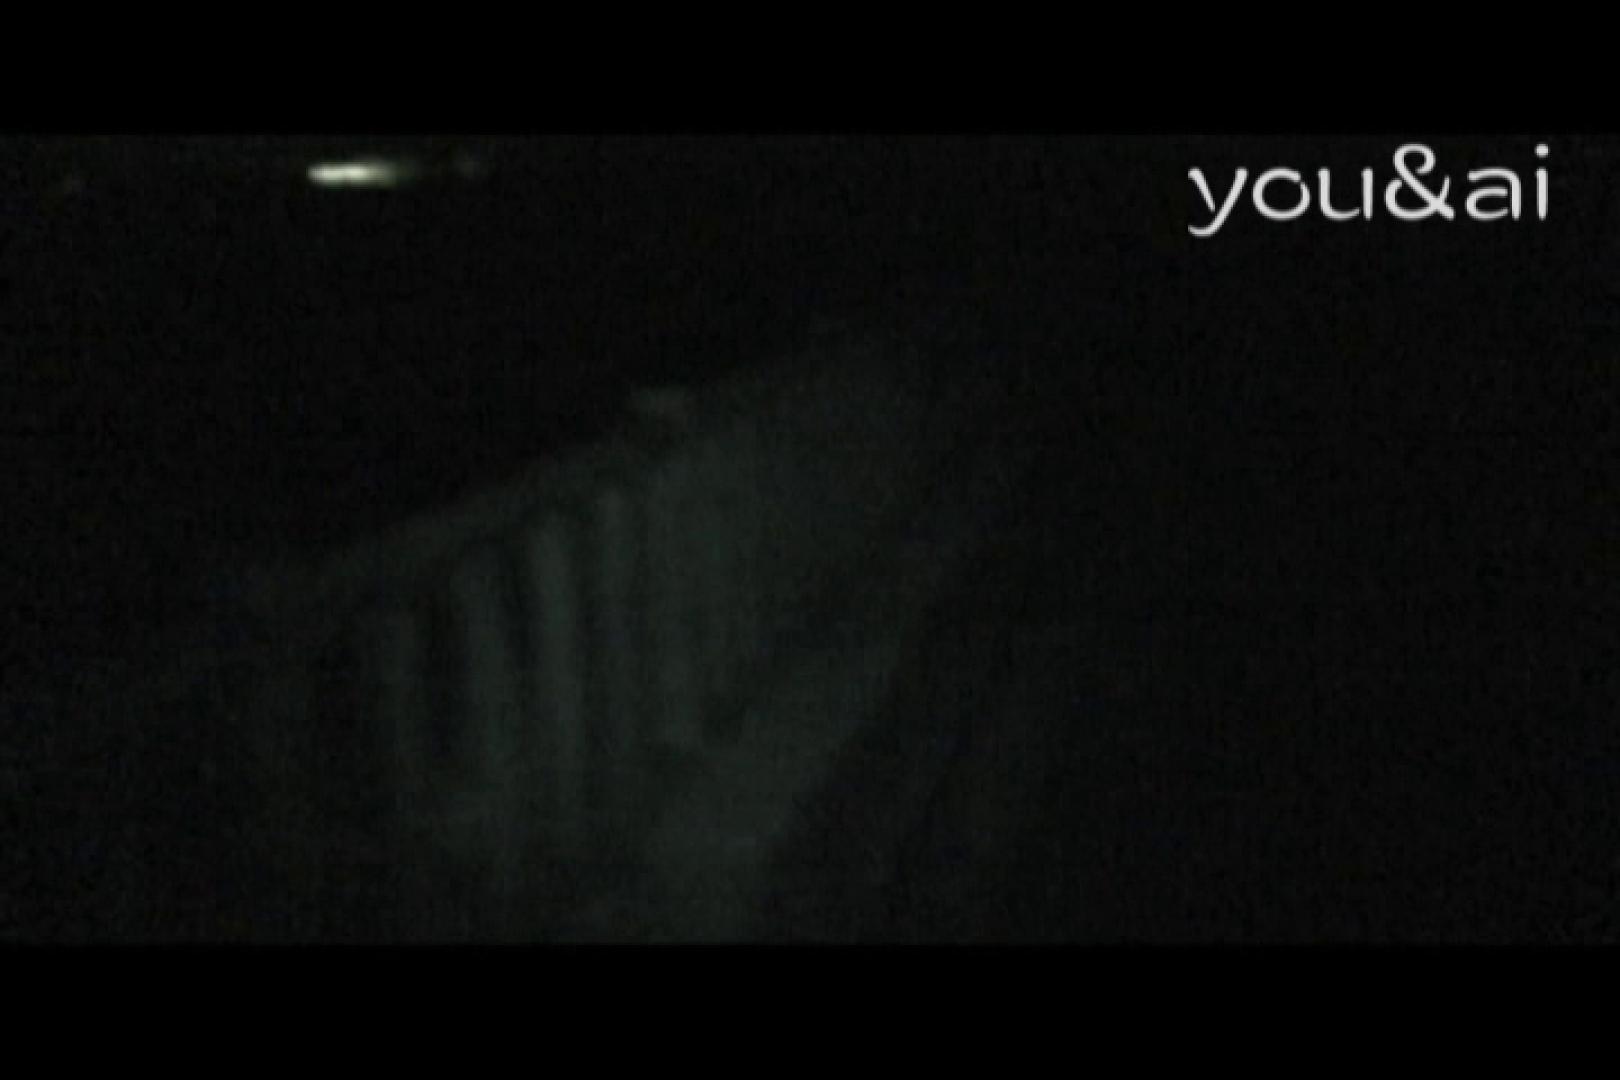 おしどり夫婦のyou&aiさん投稿作品vol.4 セックス AV動画キャプチャ 104枚 101